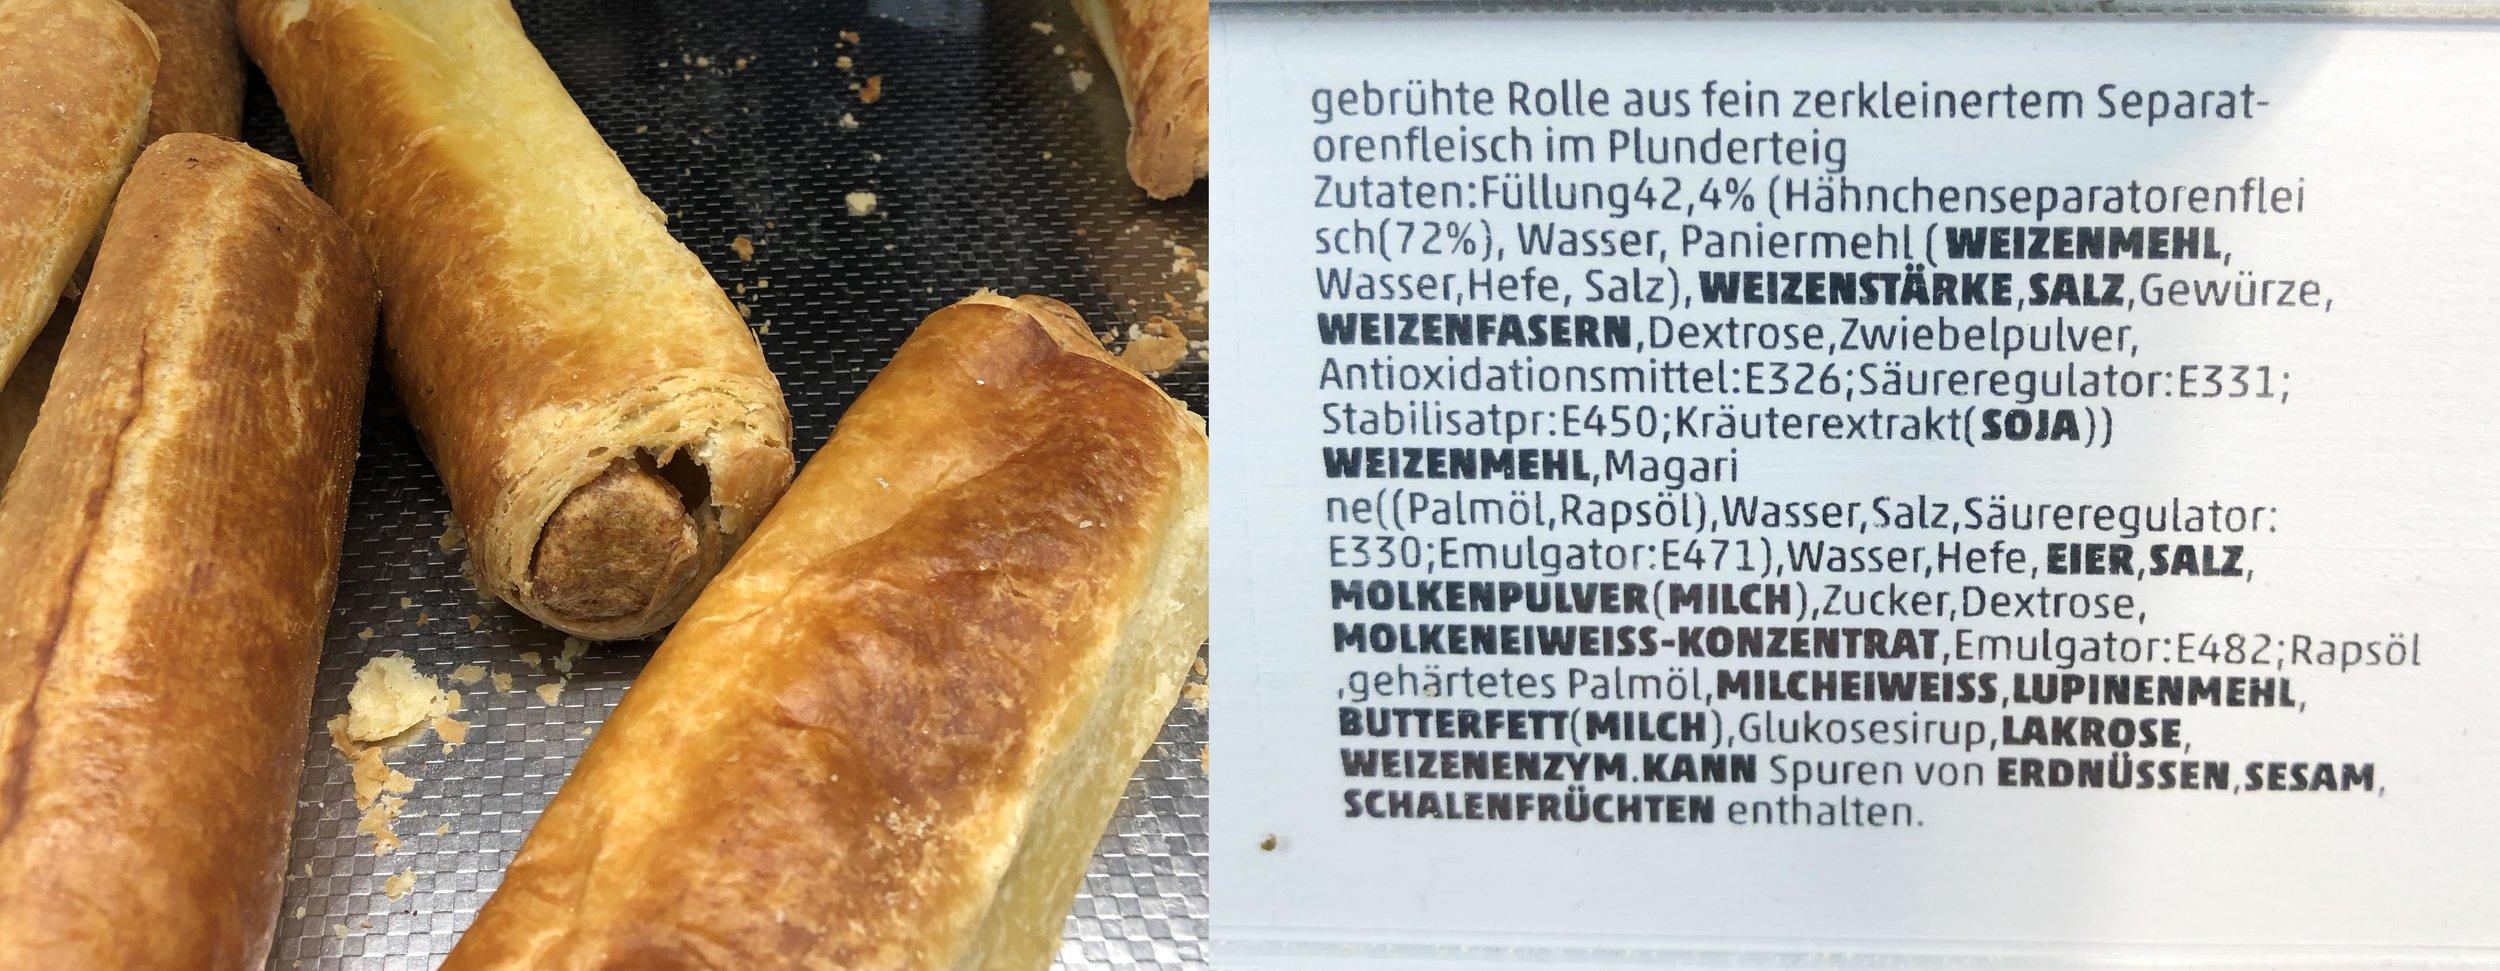 Gefunden im Discounter: Separatorenfleischrolle mit üppigem Zusatzstofforchester.